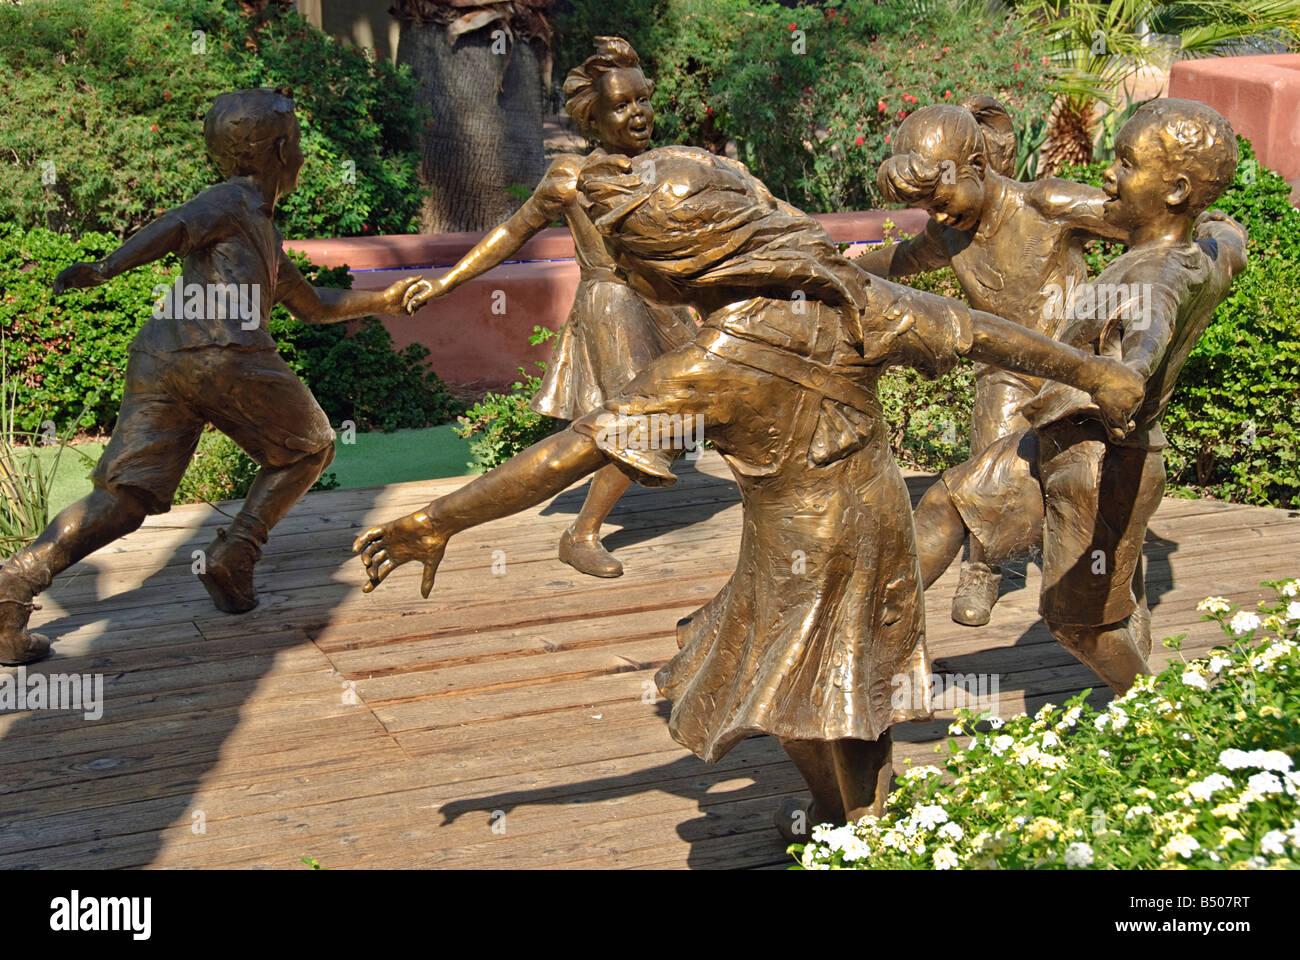 El Paseo California Sculpture Stock Photos & El Paseo California ...